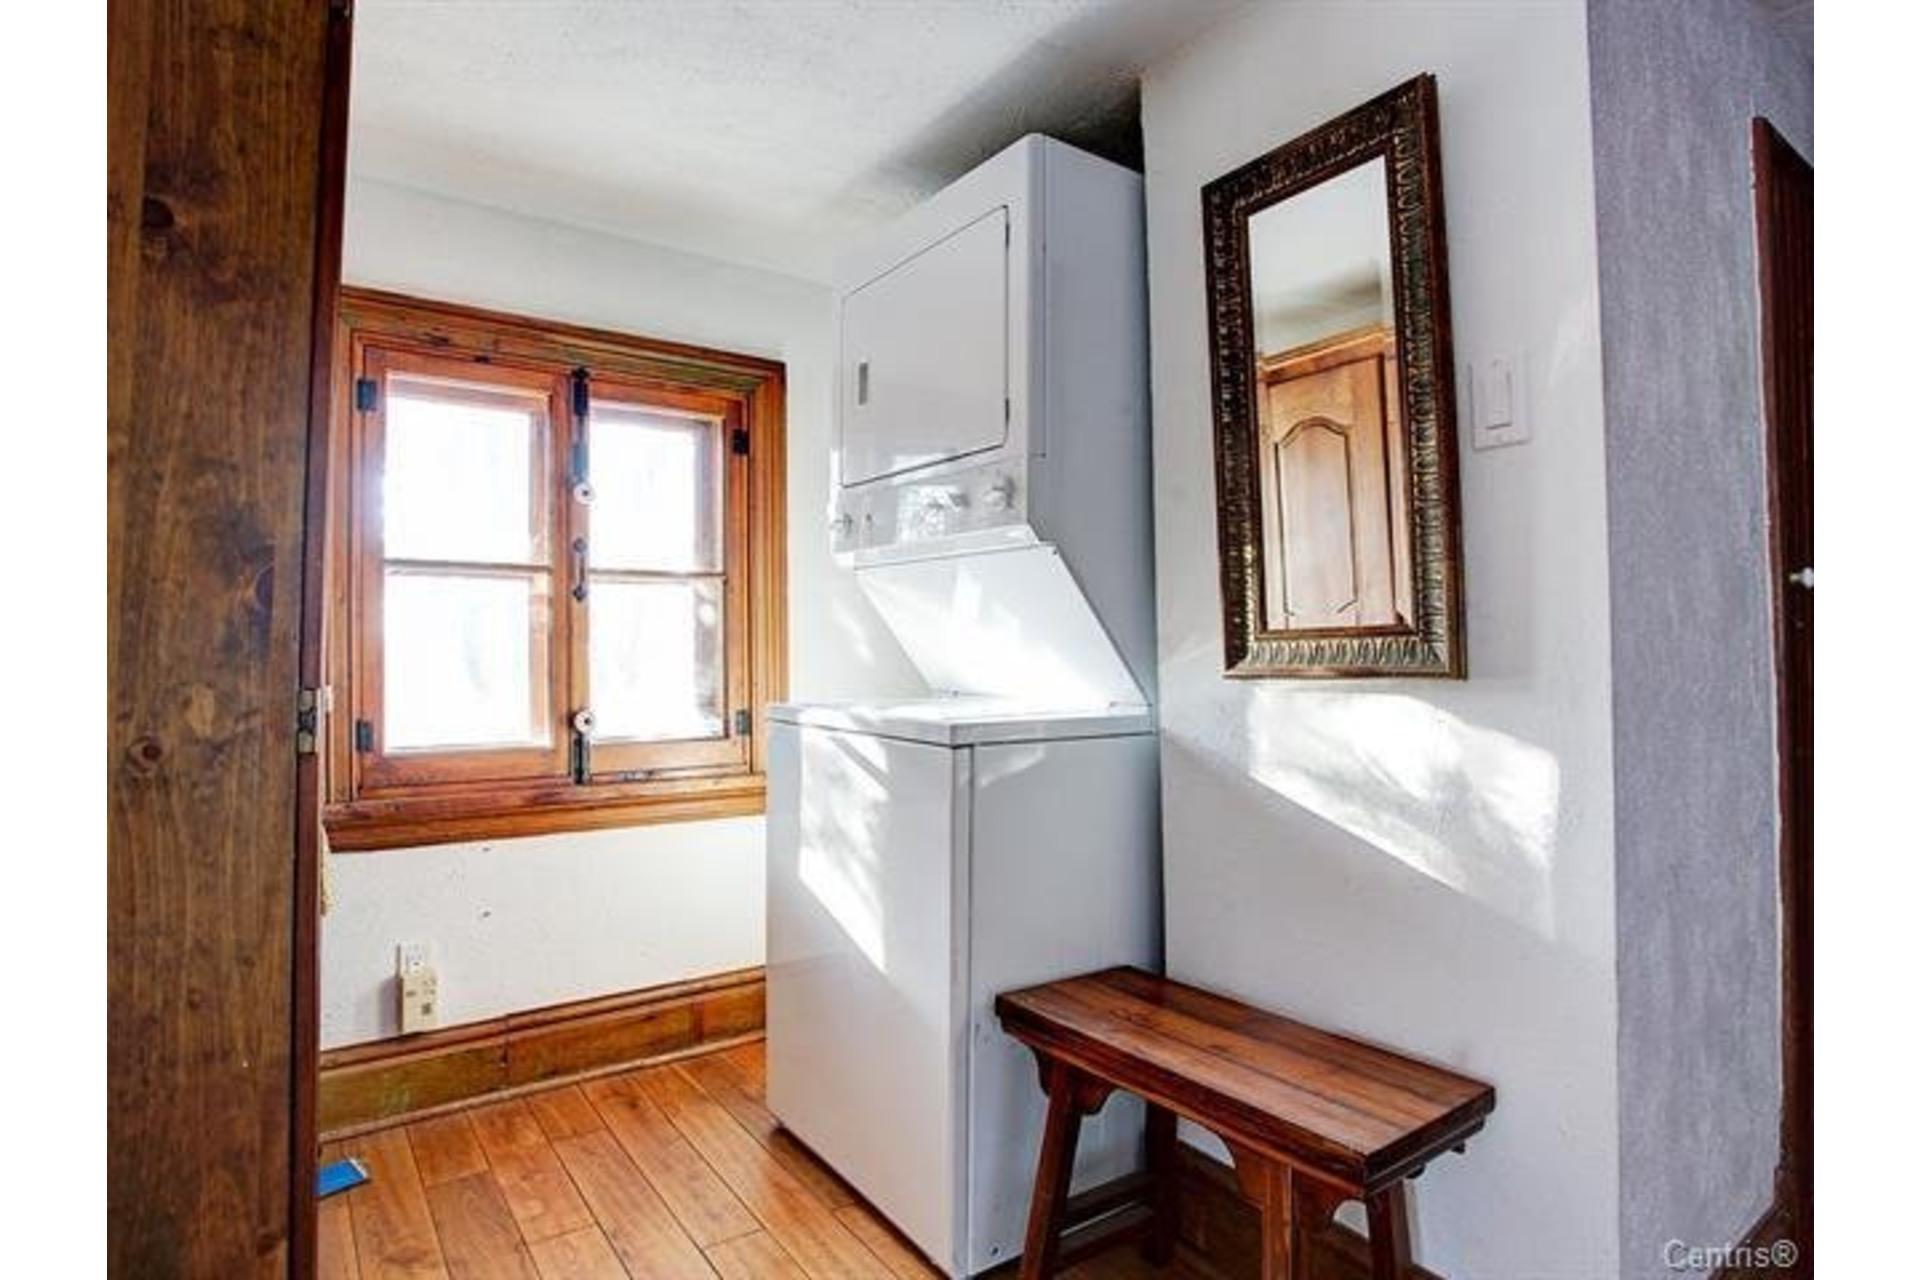 image 24 - MX - Casa sola - MX En venta Vaudreuil-Dorion - 12 habitaciones